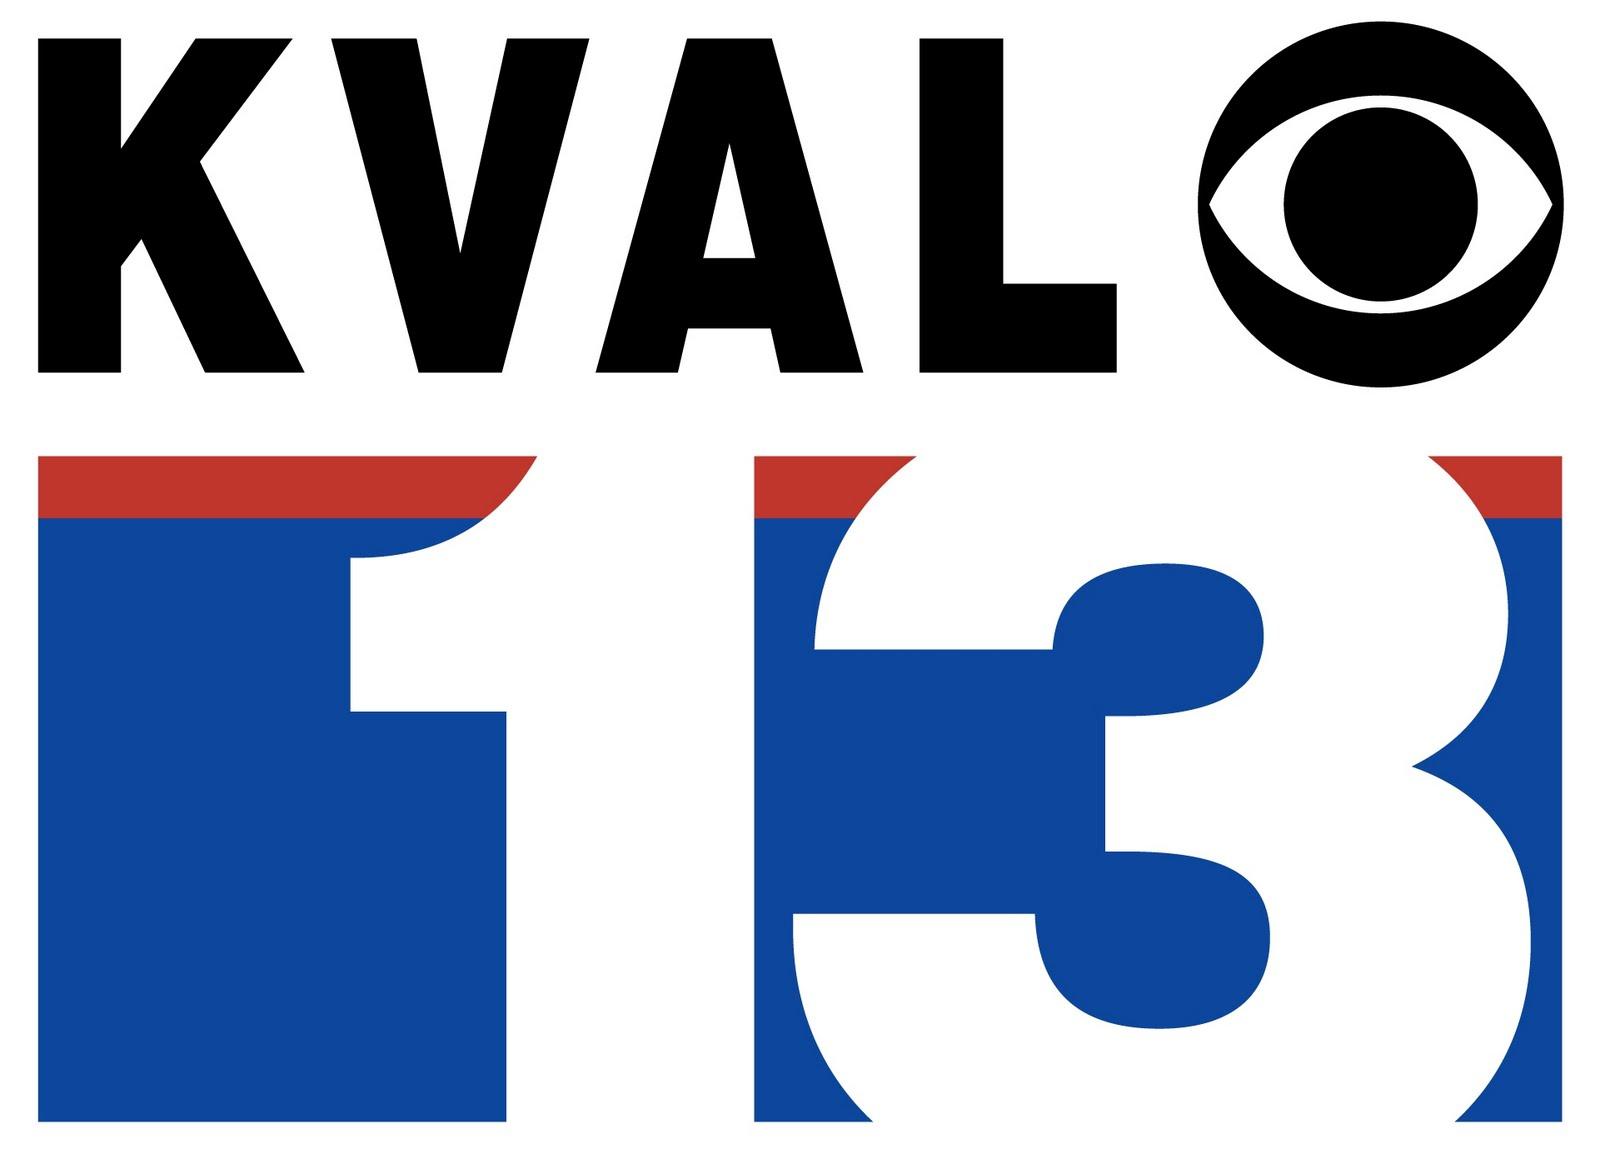 http://4.bp.blogspot.com/_XO1tJ9clkXU/TJegCaCBuBI/AAAAAAAABtc/_al0yrggOgA/s1600/KVAL_logo.JPG